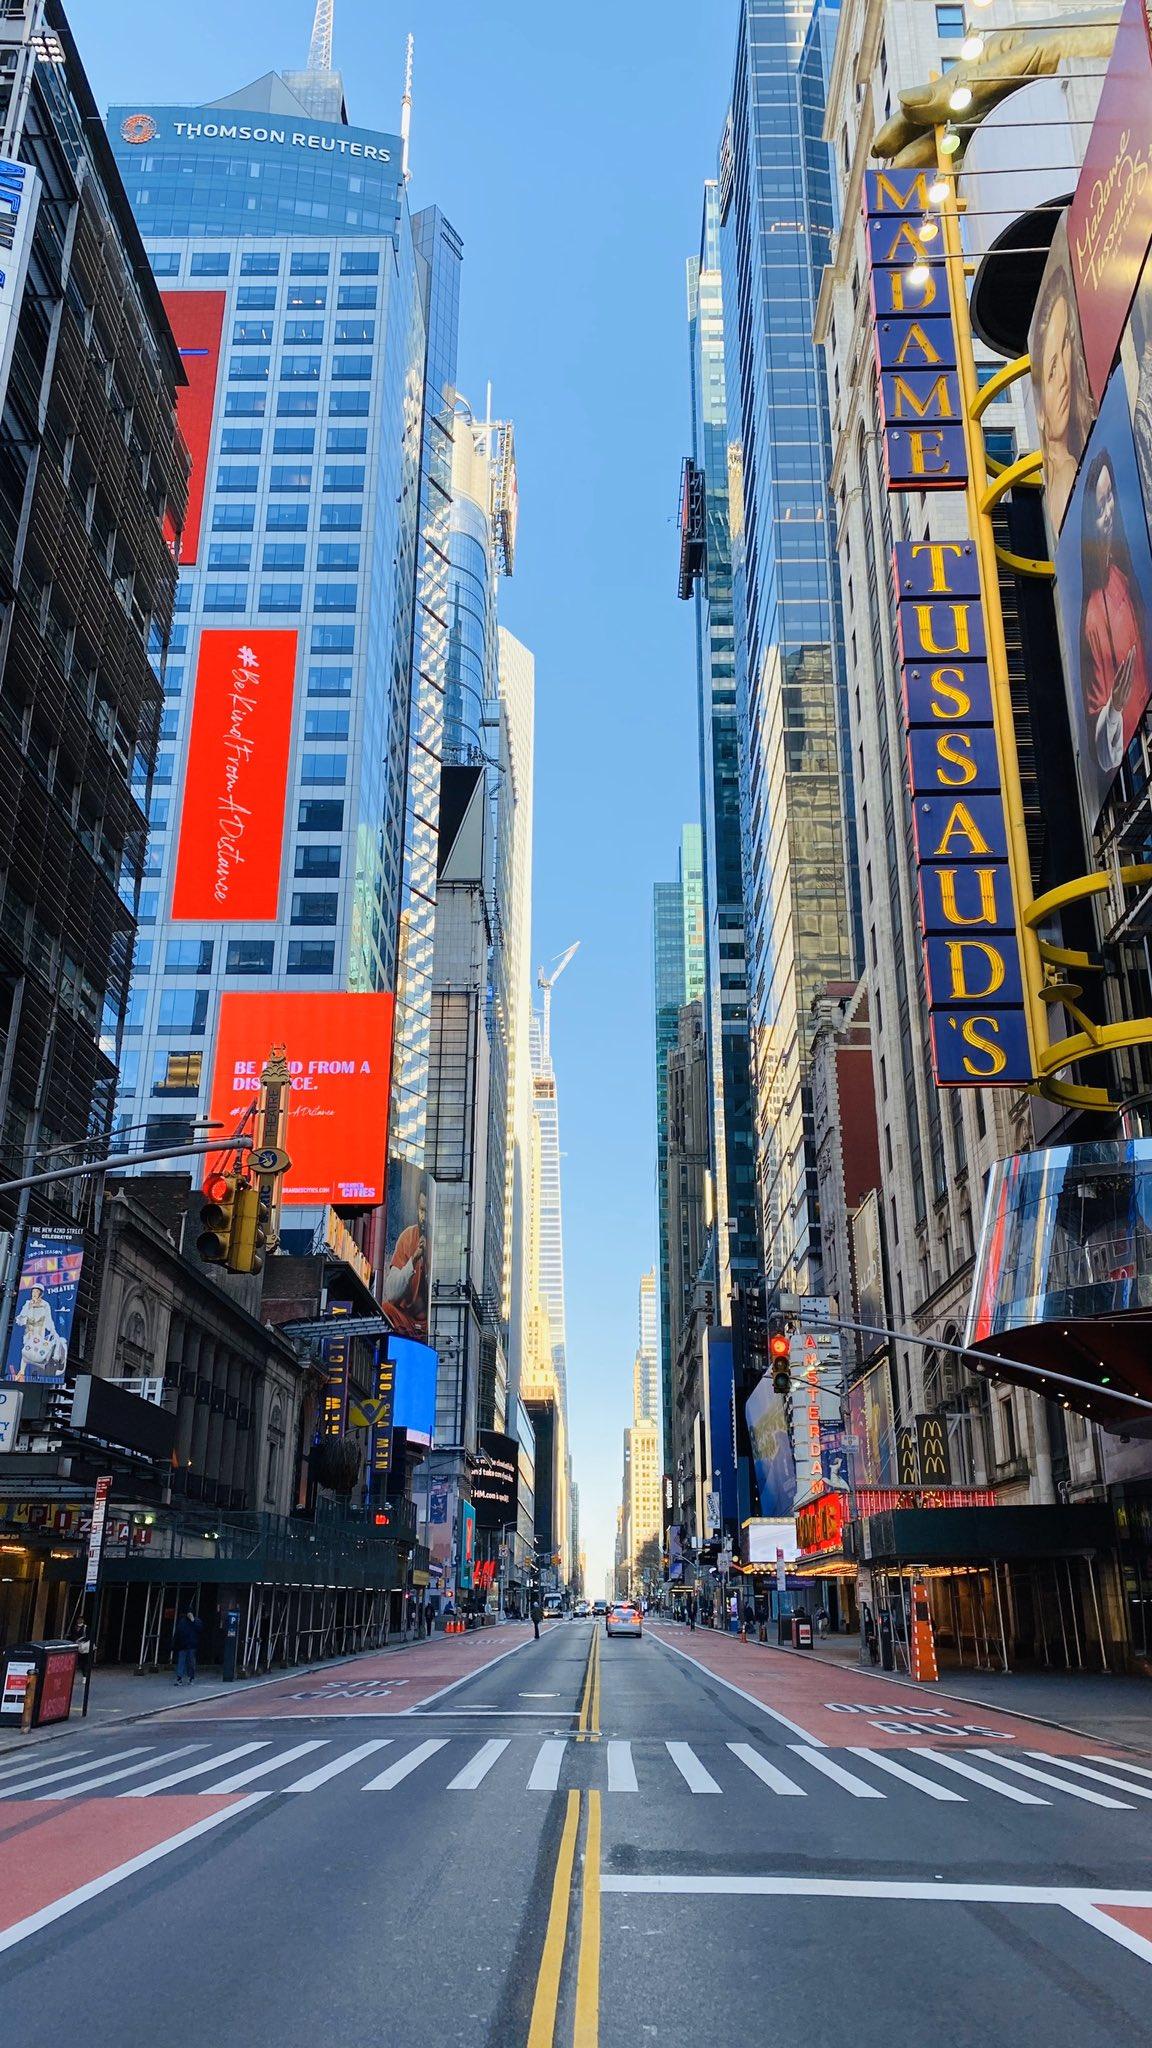 画像,昨日夕方に最大限の注意のもと散歩したので、ガラガラのニューヨーク写真あげとく。散歩やスーパー・飲食店(テイクアウト)に出向く人がいるため、人通りはある。オフィス…